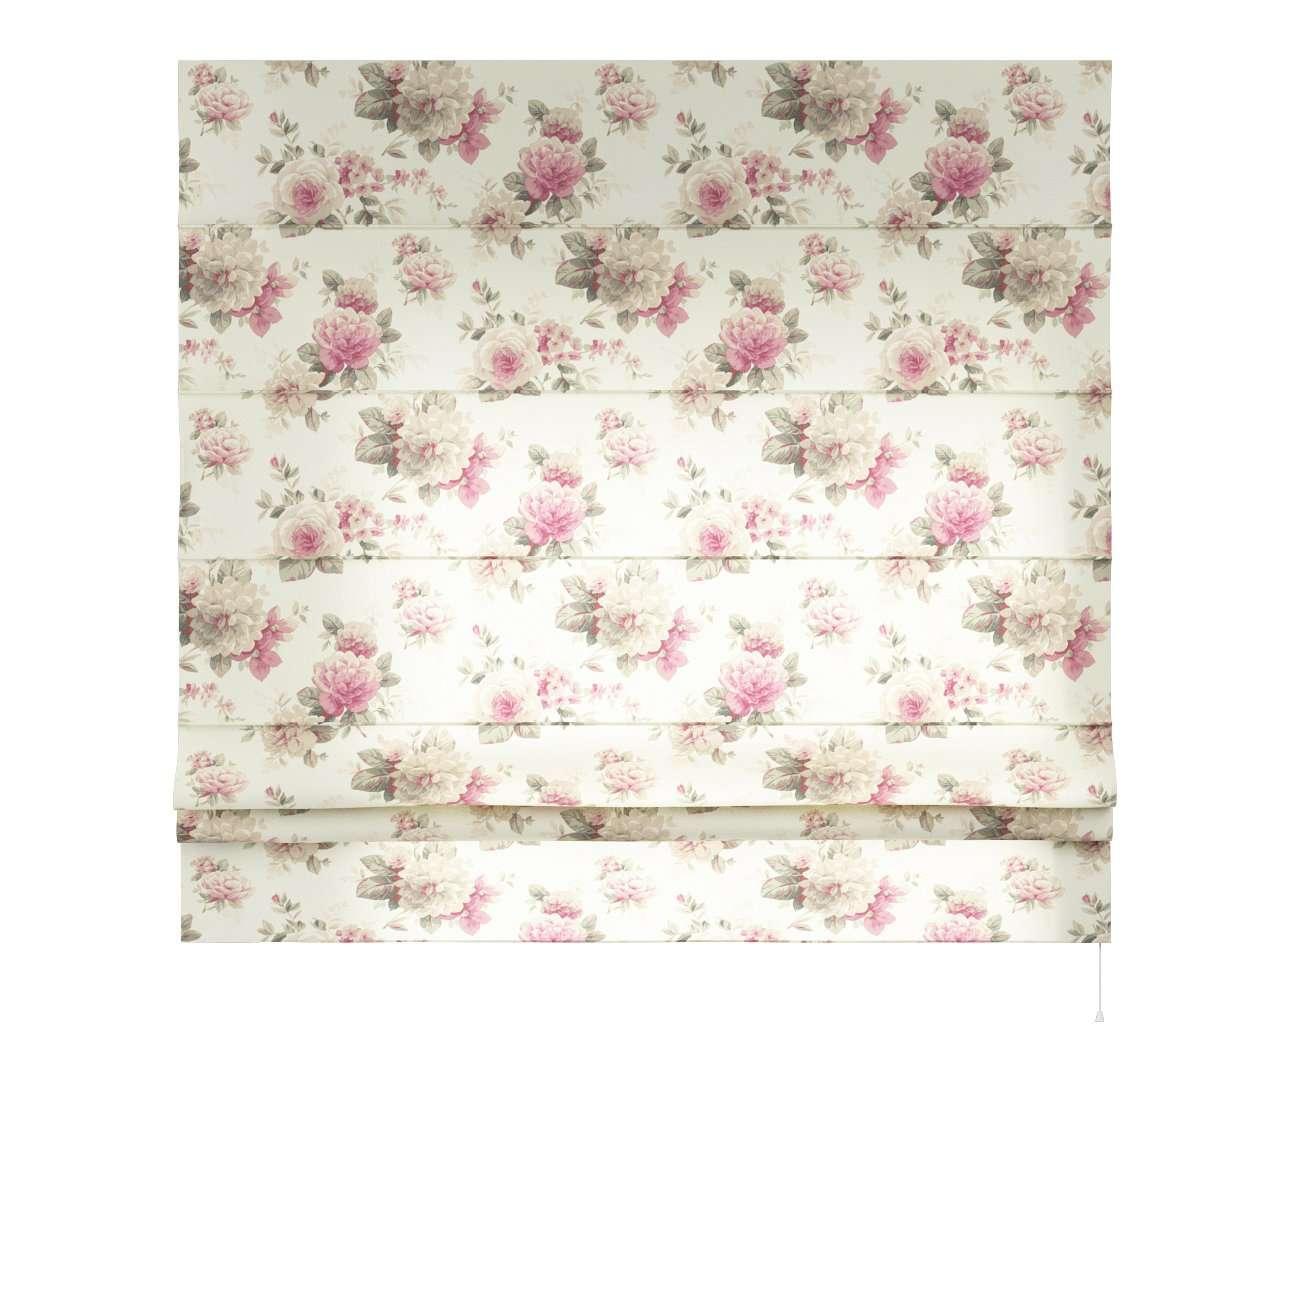 Romanetės Padva 80 x 170 cm (plotis x ilgis) kolekcijoje Mirella, audinys: 141-07